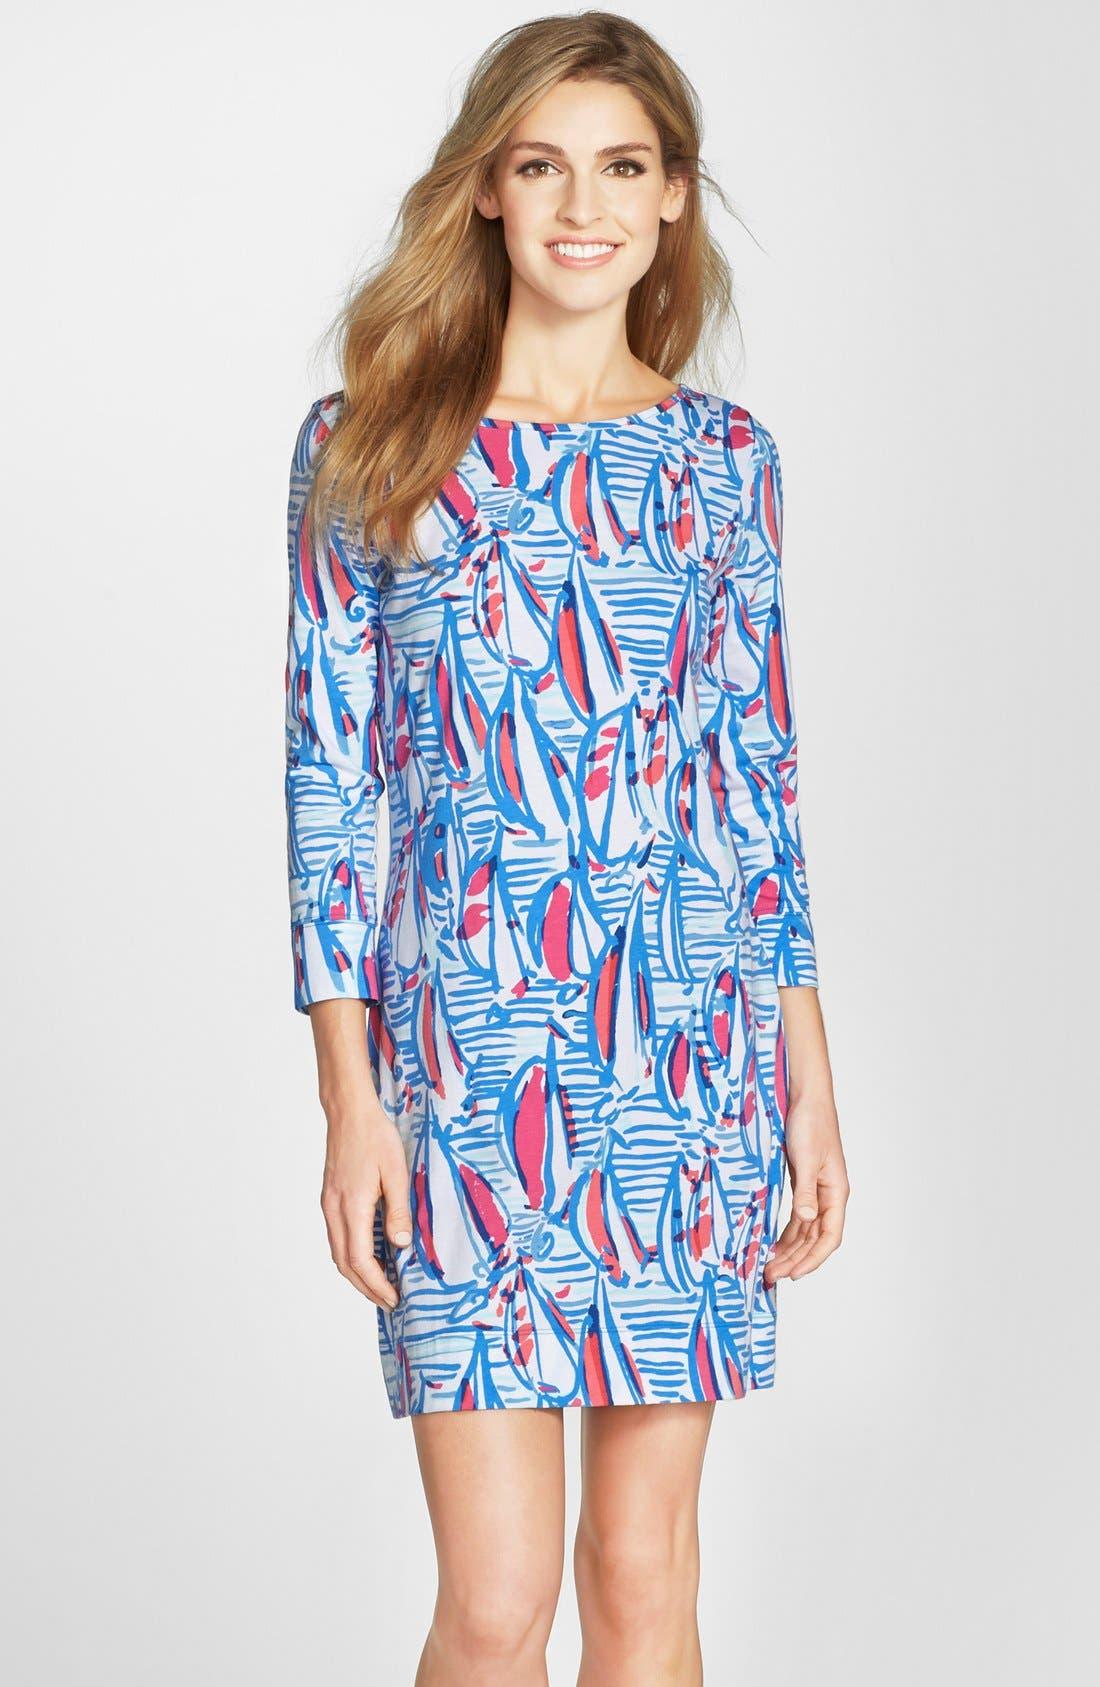 Main Image - Lilly Pulitzer® 'Marlowe' Print Pima Cotton Shift Dress